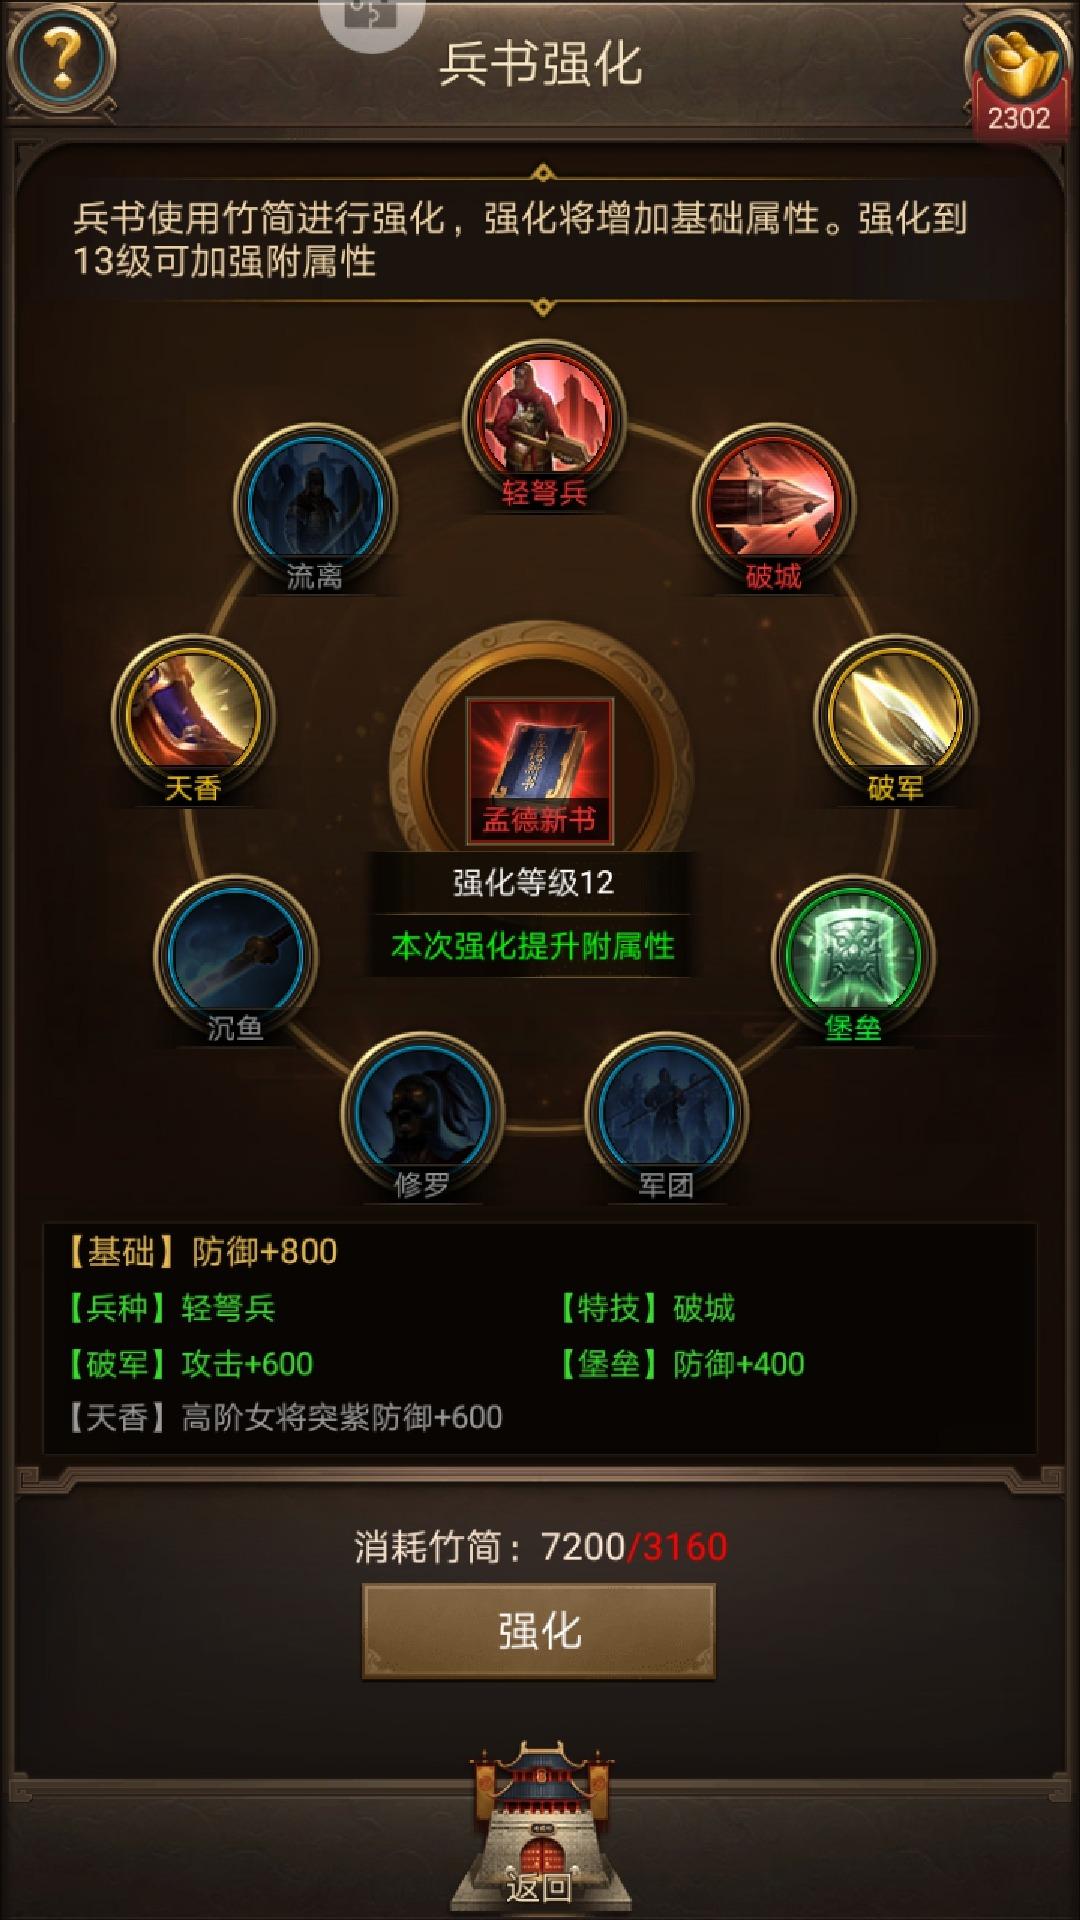 Screenshot_20191018_193031_juedi.tatuyin.rxsg.huawei.jpg